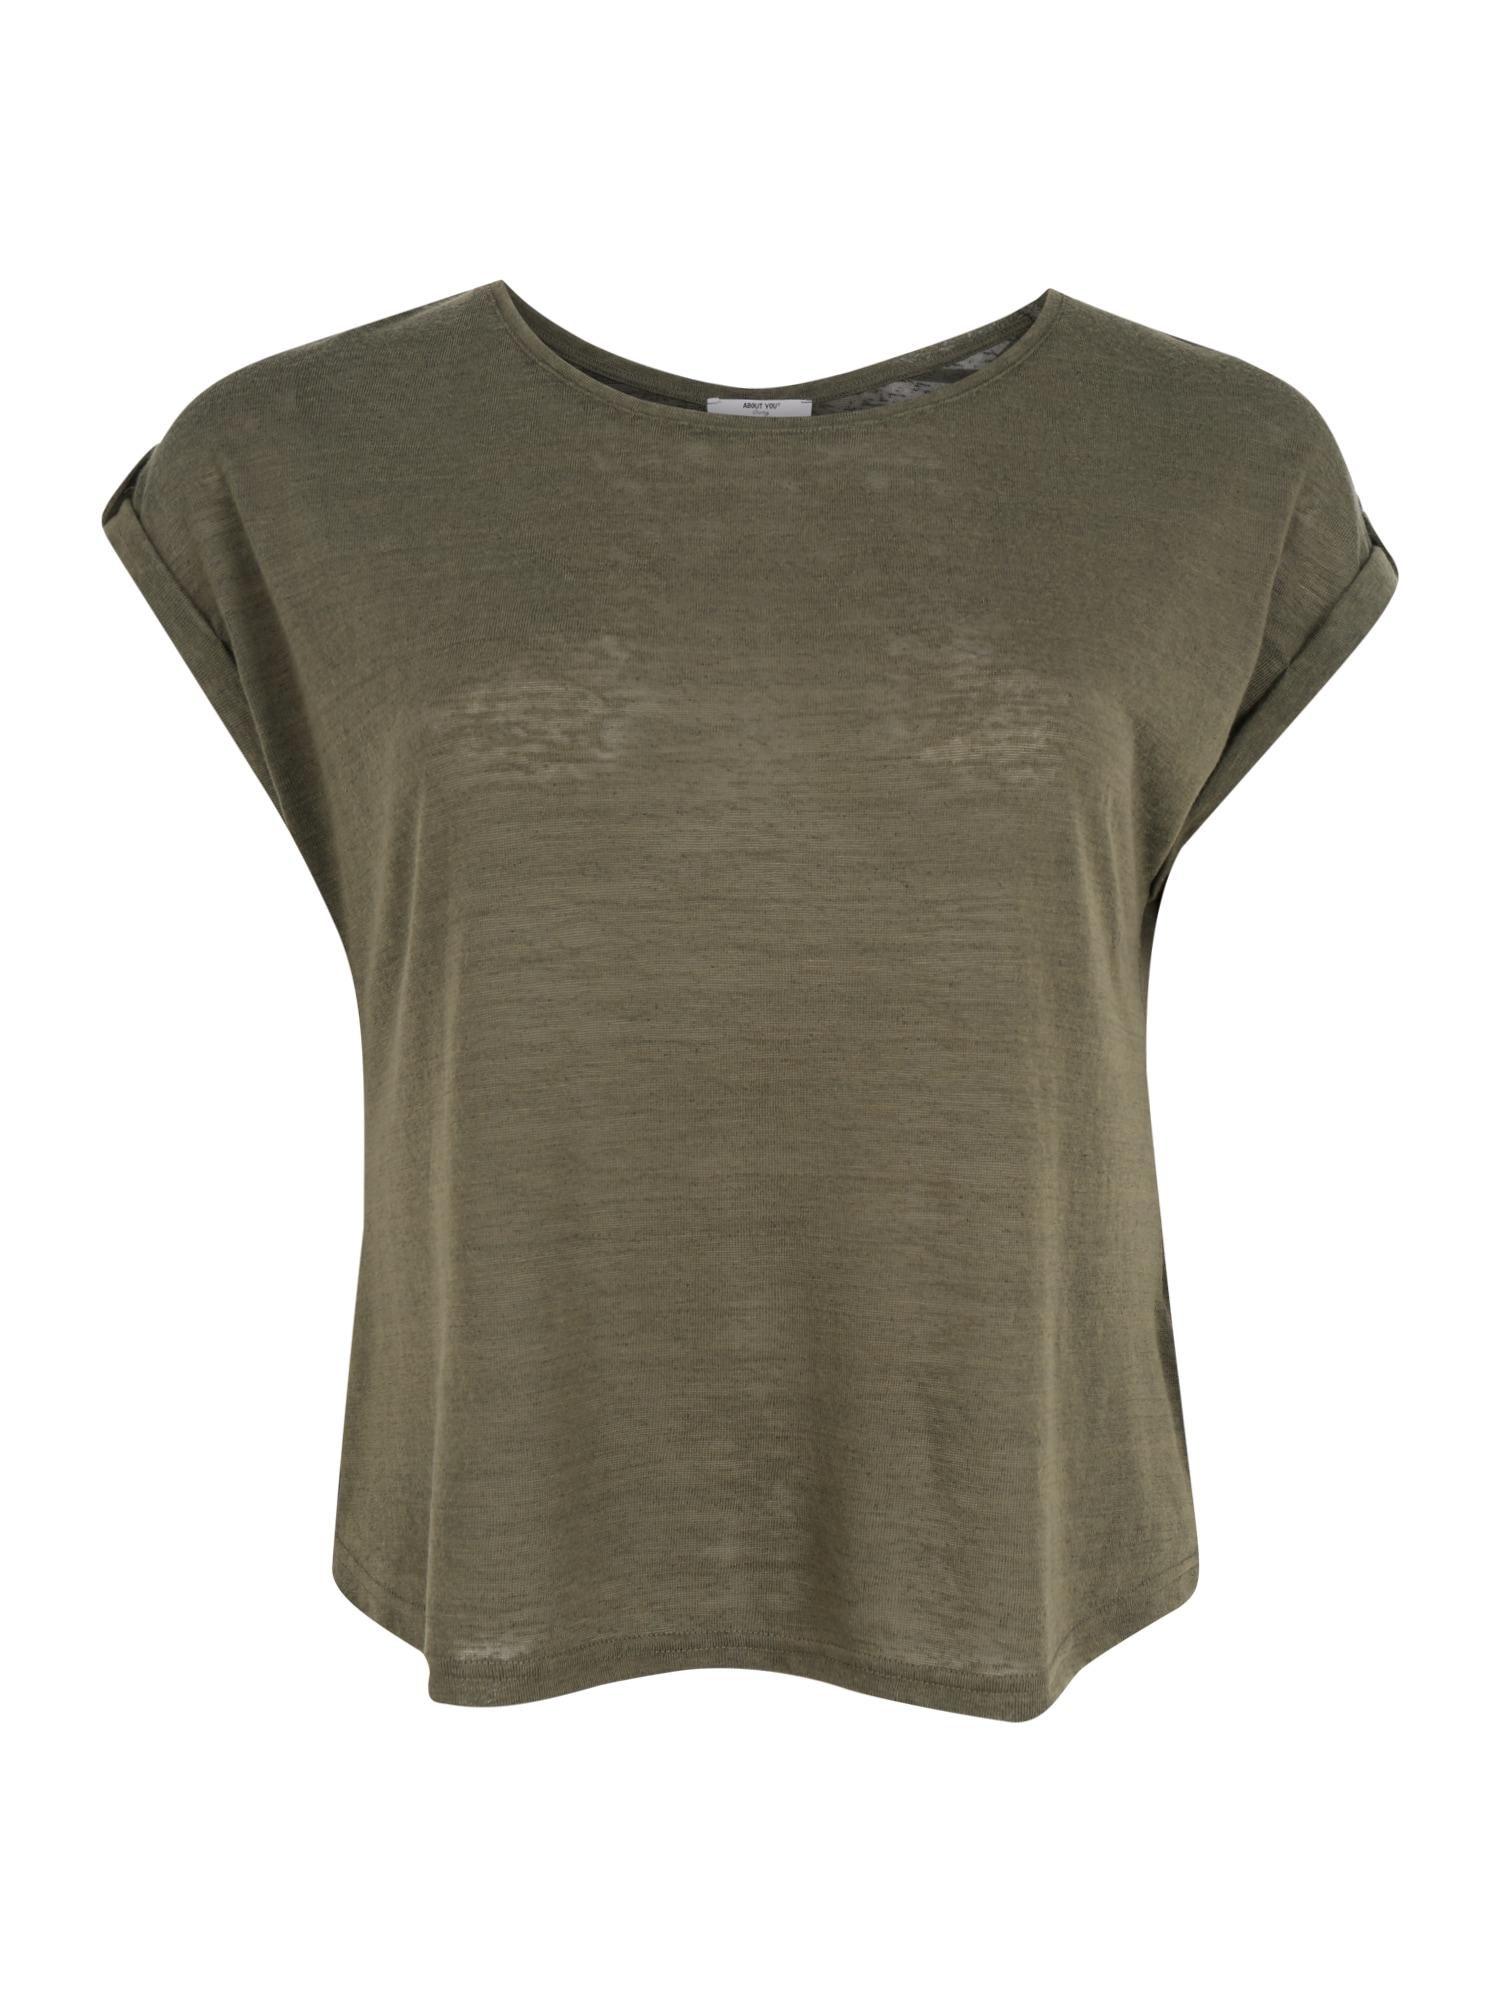 ABOUT YOU Curvy Marškinėliai 'Kaili Shirt' žalia / rusvai žalia / tamsiai žalia